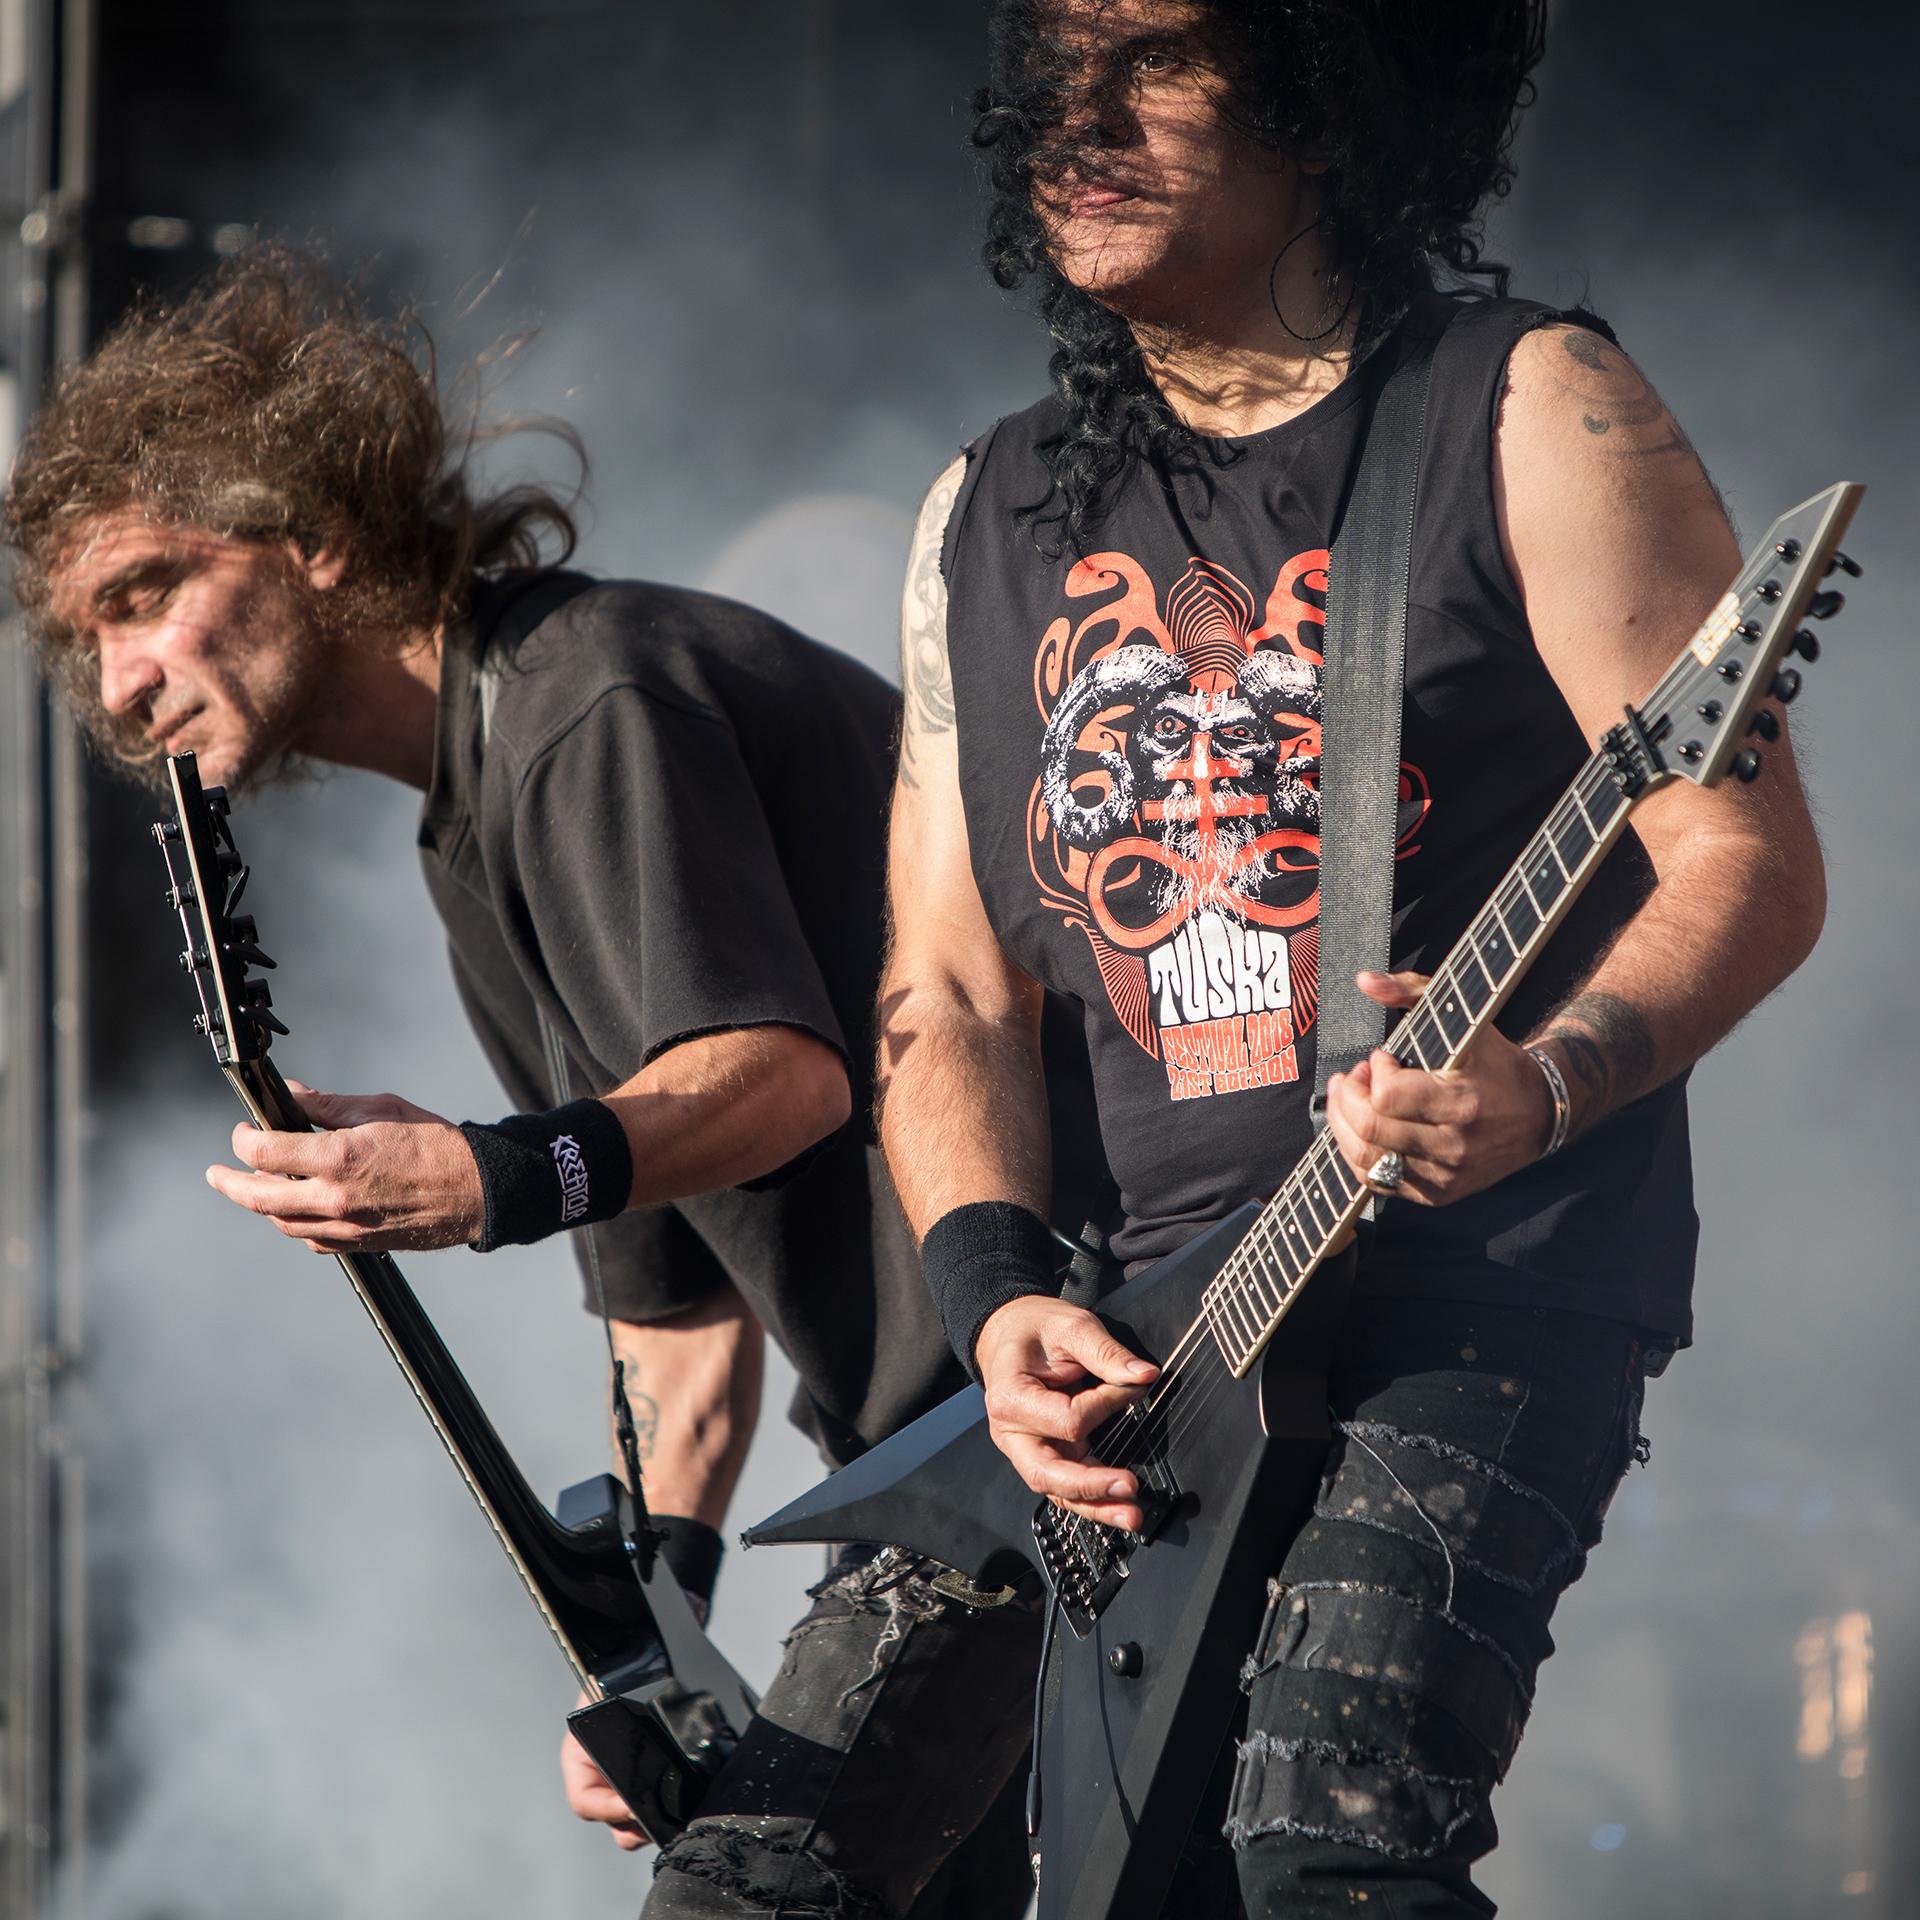 Mille Petrozza, Sami Yli-Sirniö, Kreator, Tuska metal festival, metal music